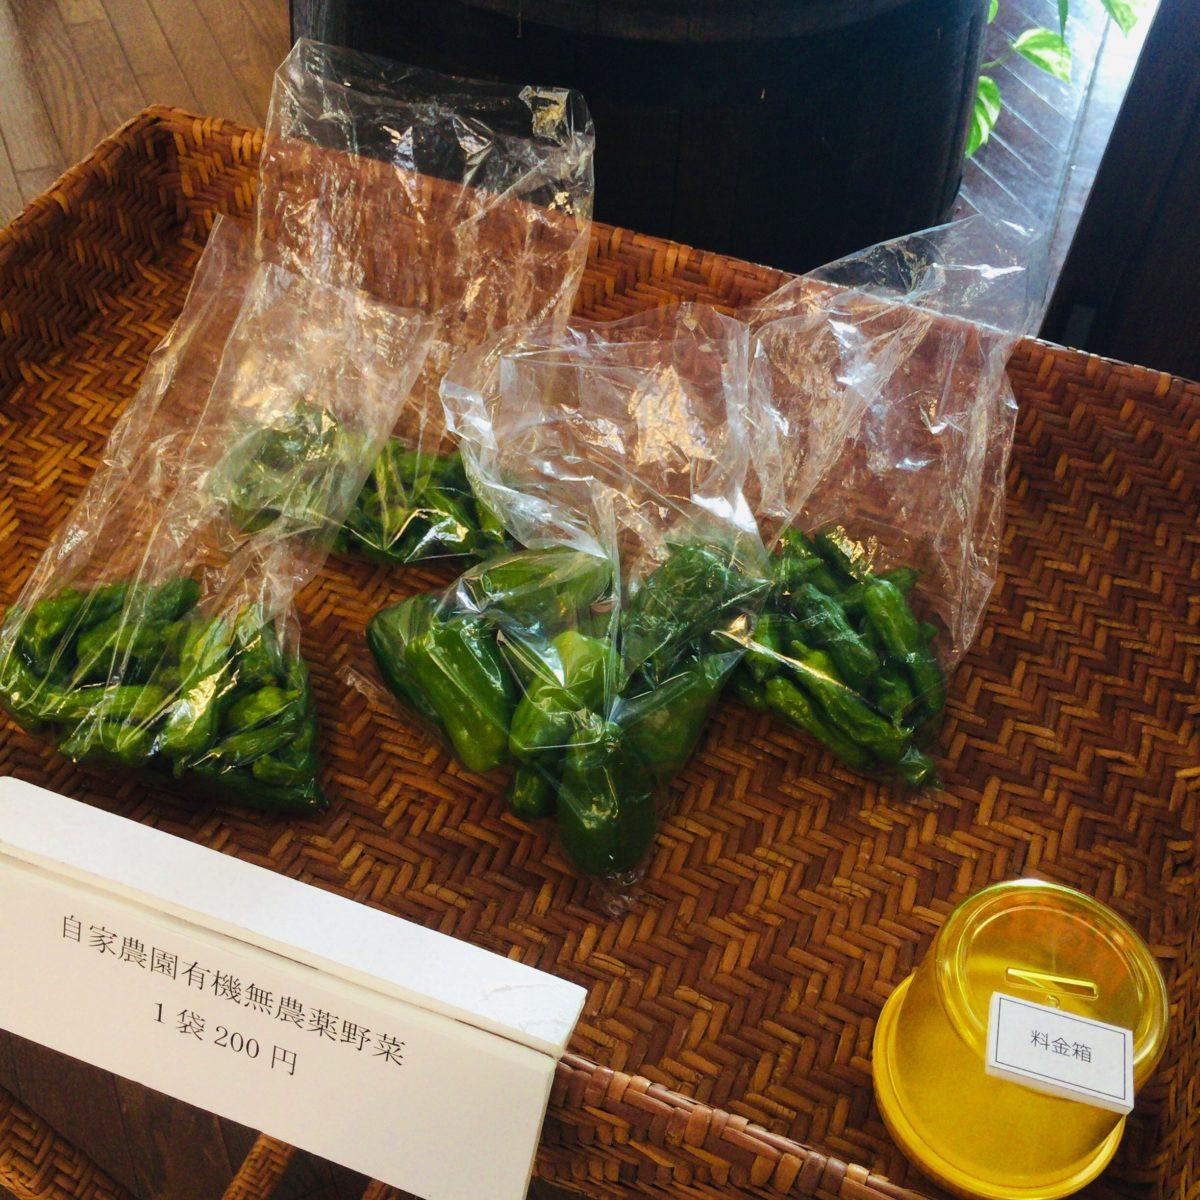 グレイスワインで販売していた無農薬有機野菜